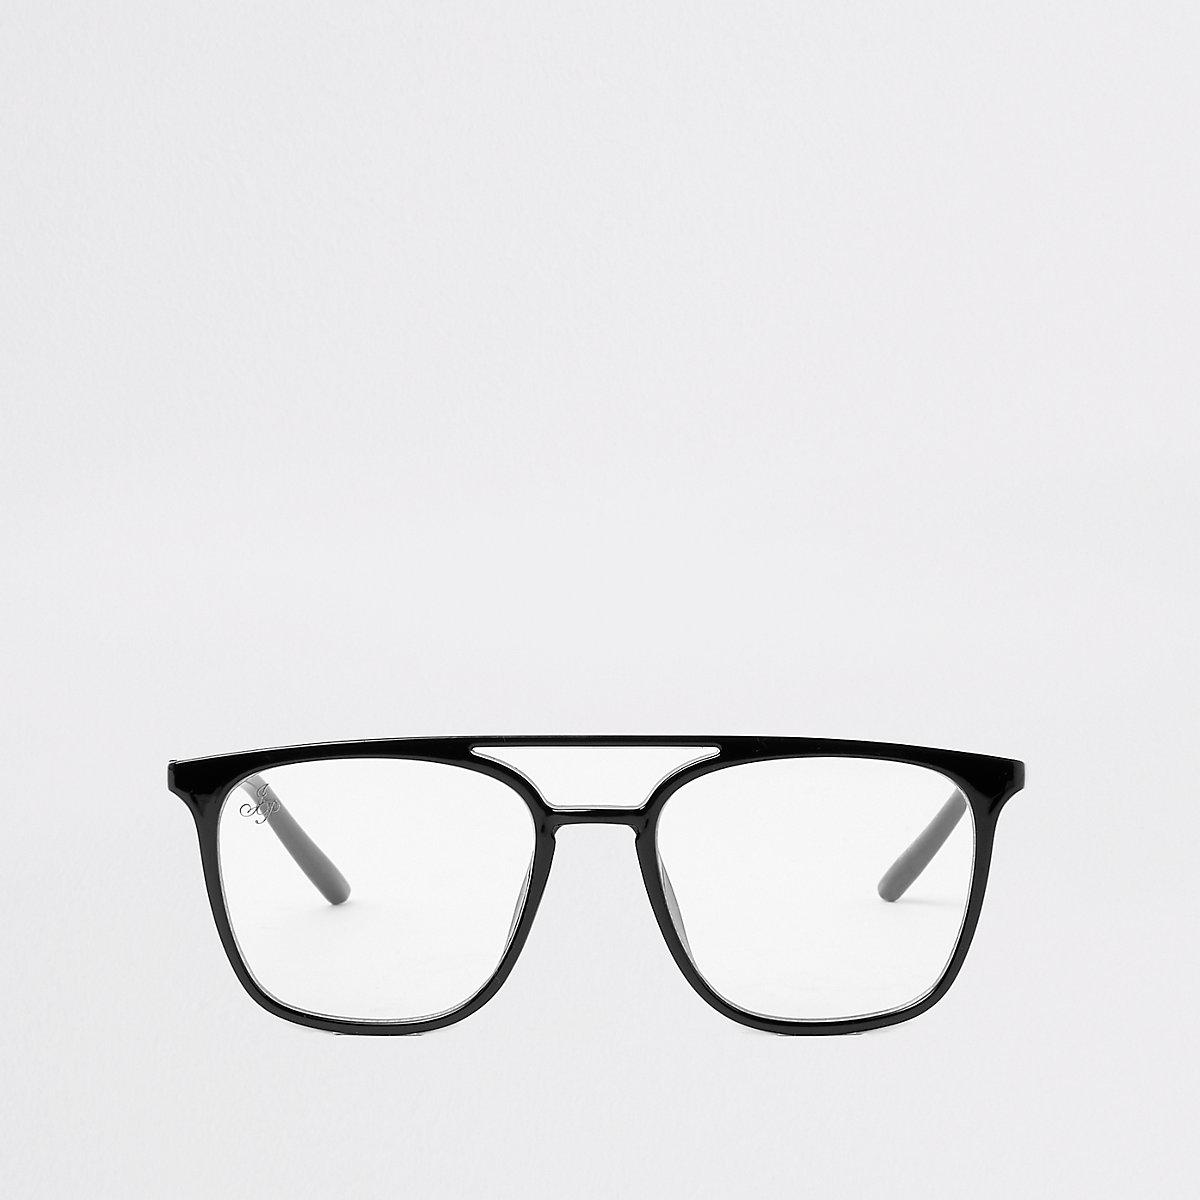 Schwarze Pilotenbrille mit transparenten Gläsern